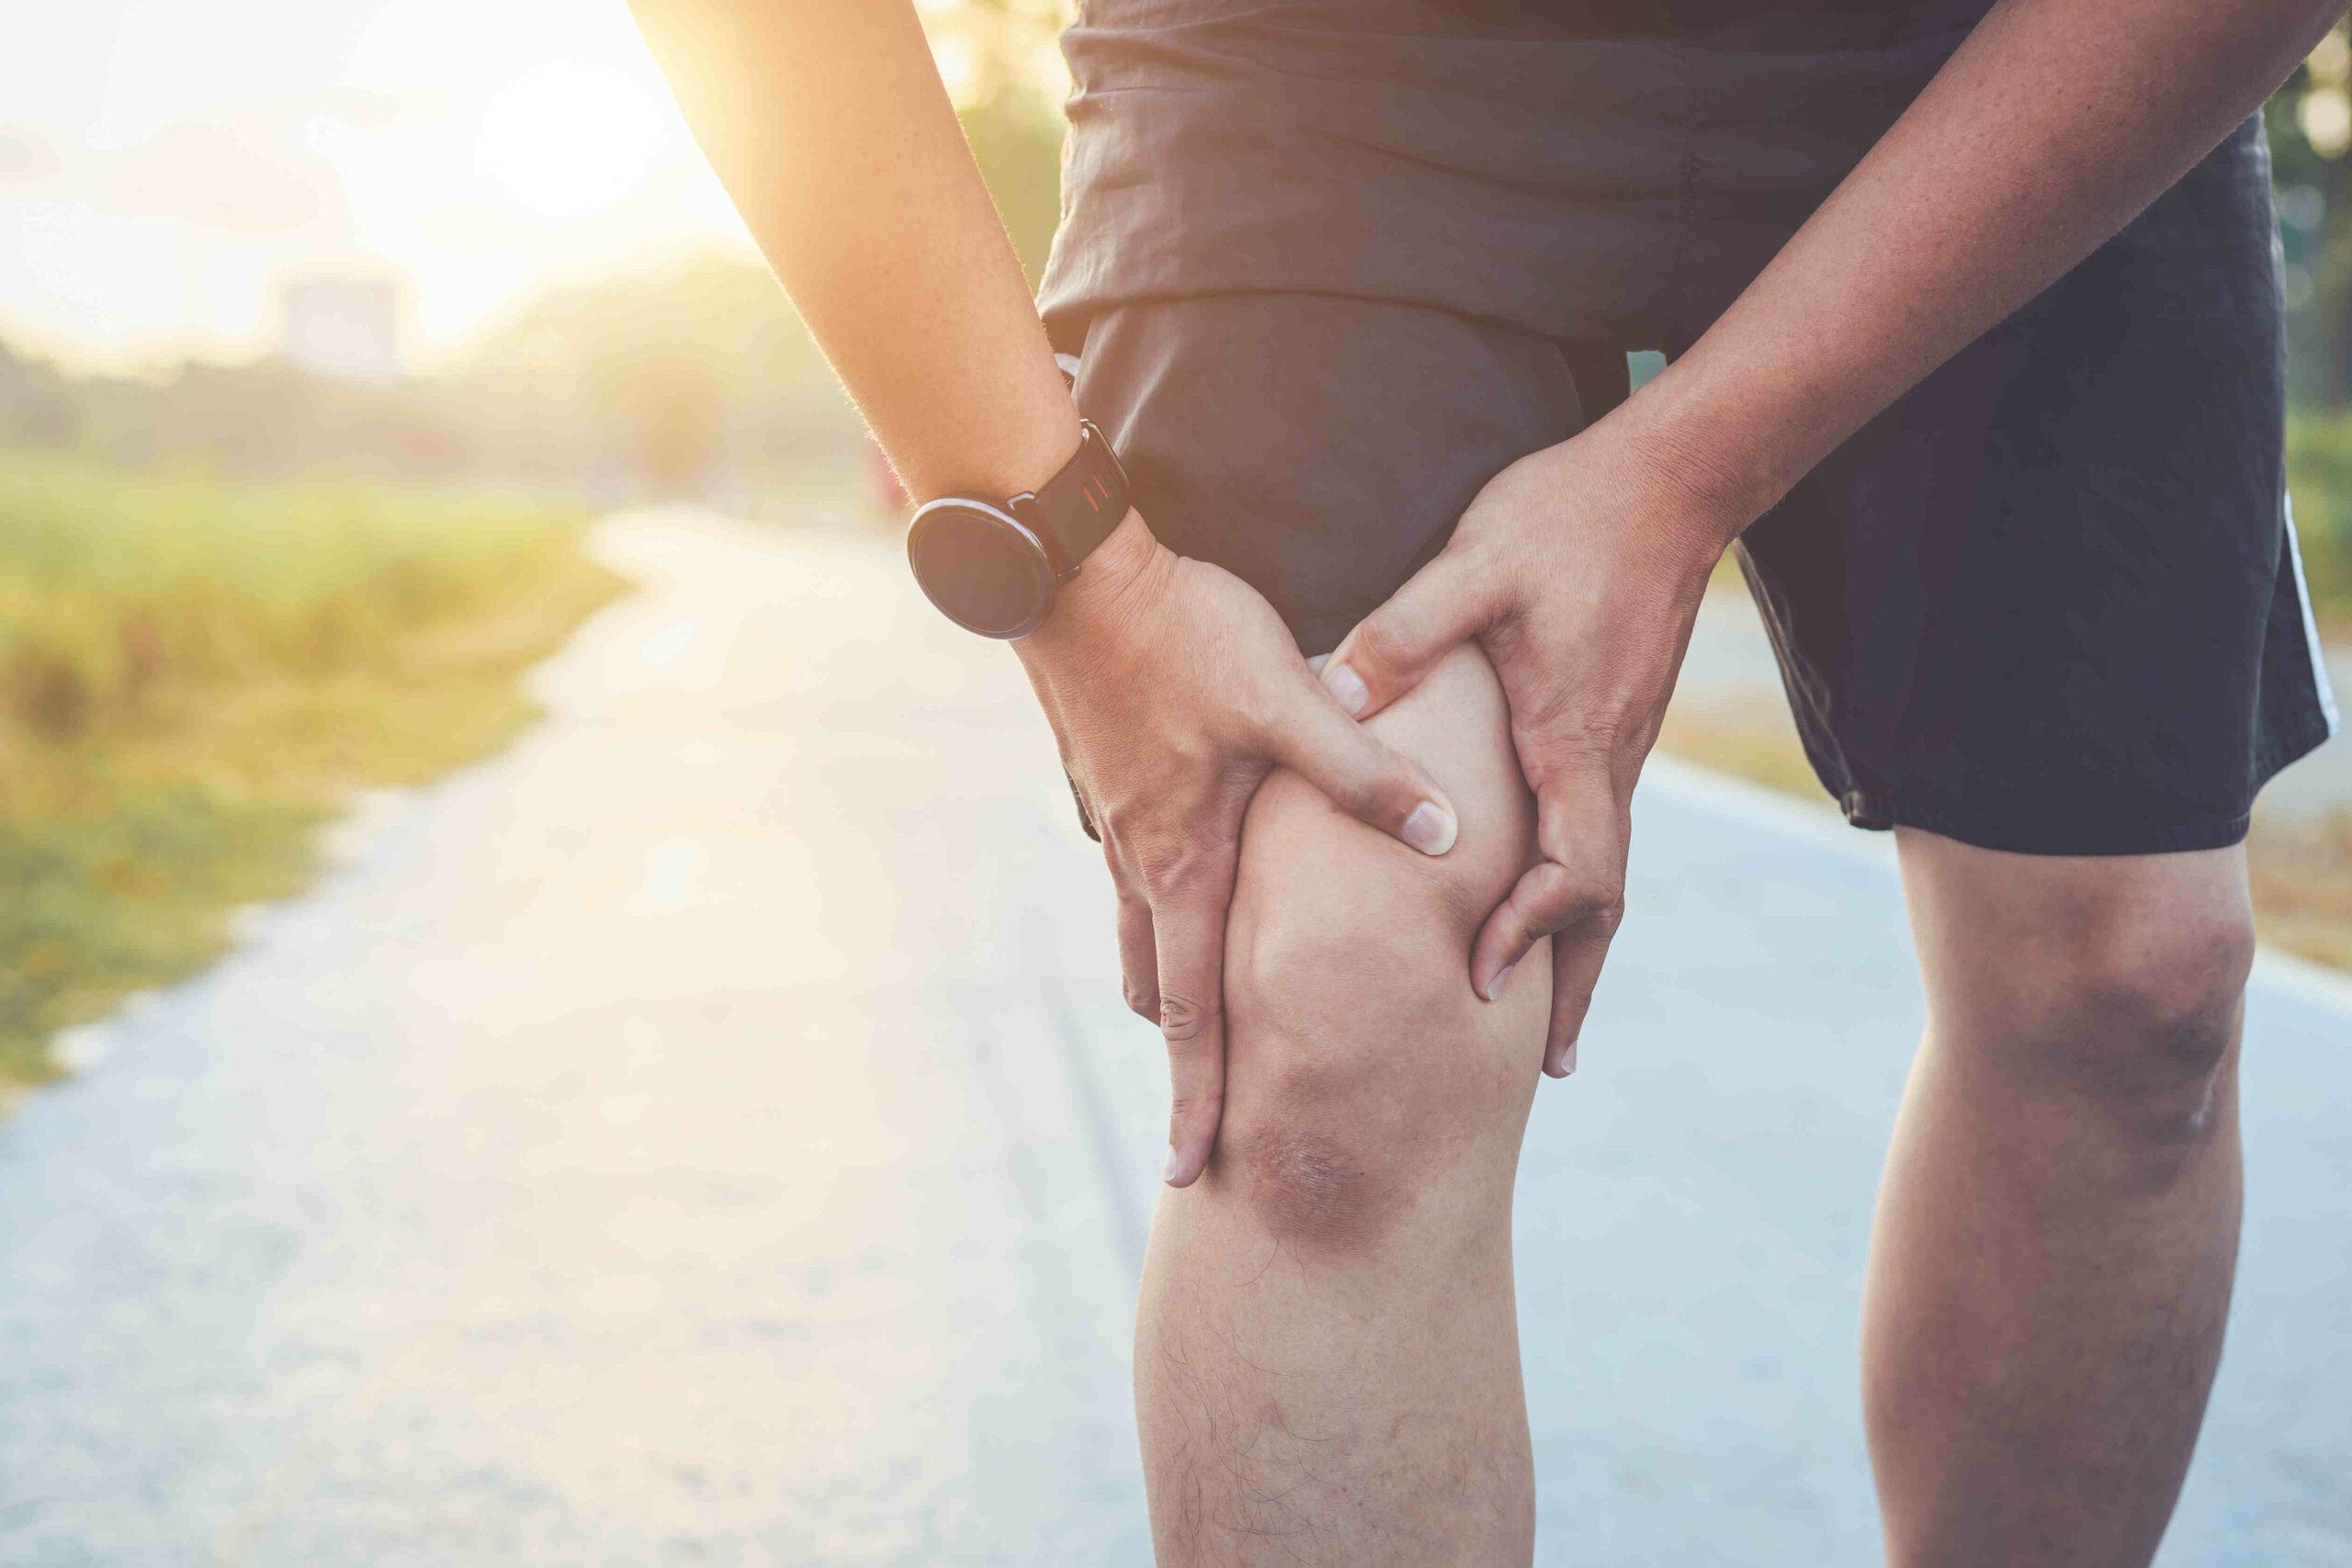 Est-ce qu'un ostéopathe peut soigner une tendinite ?